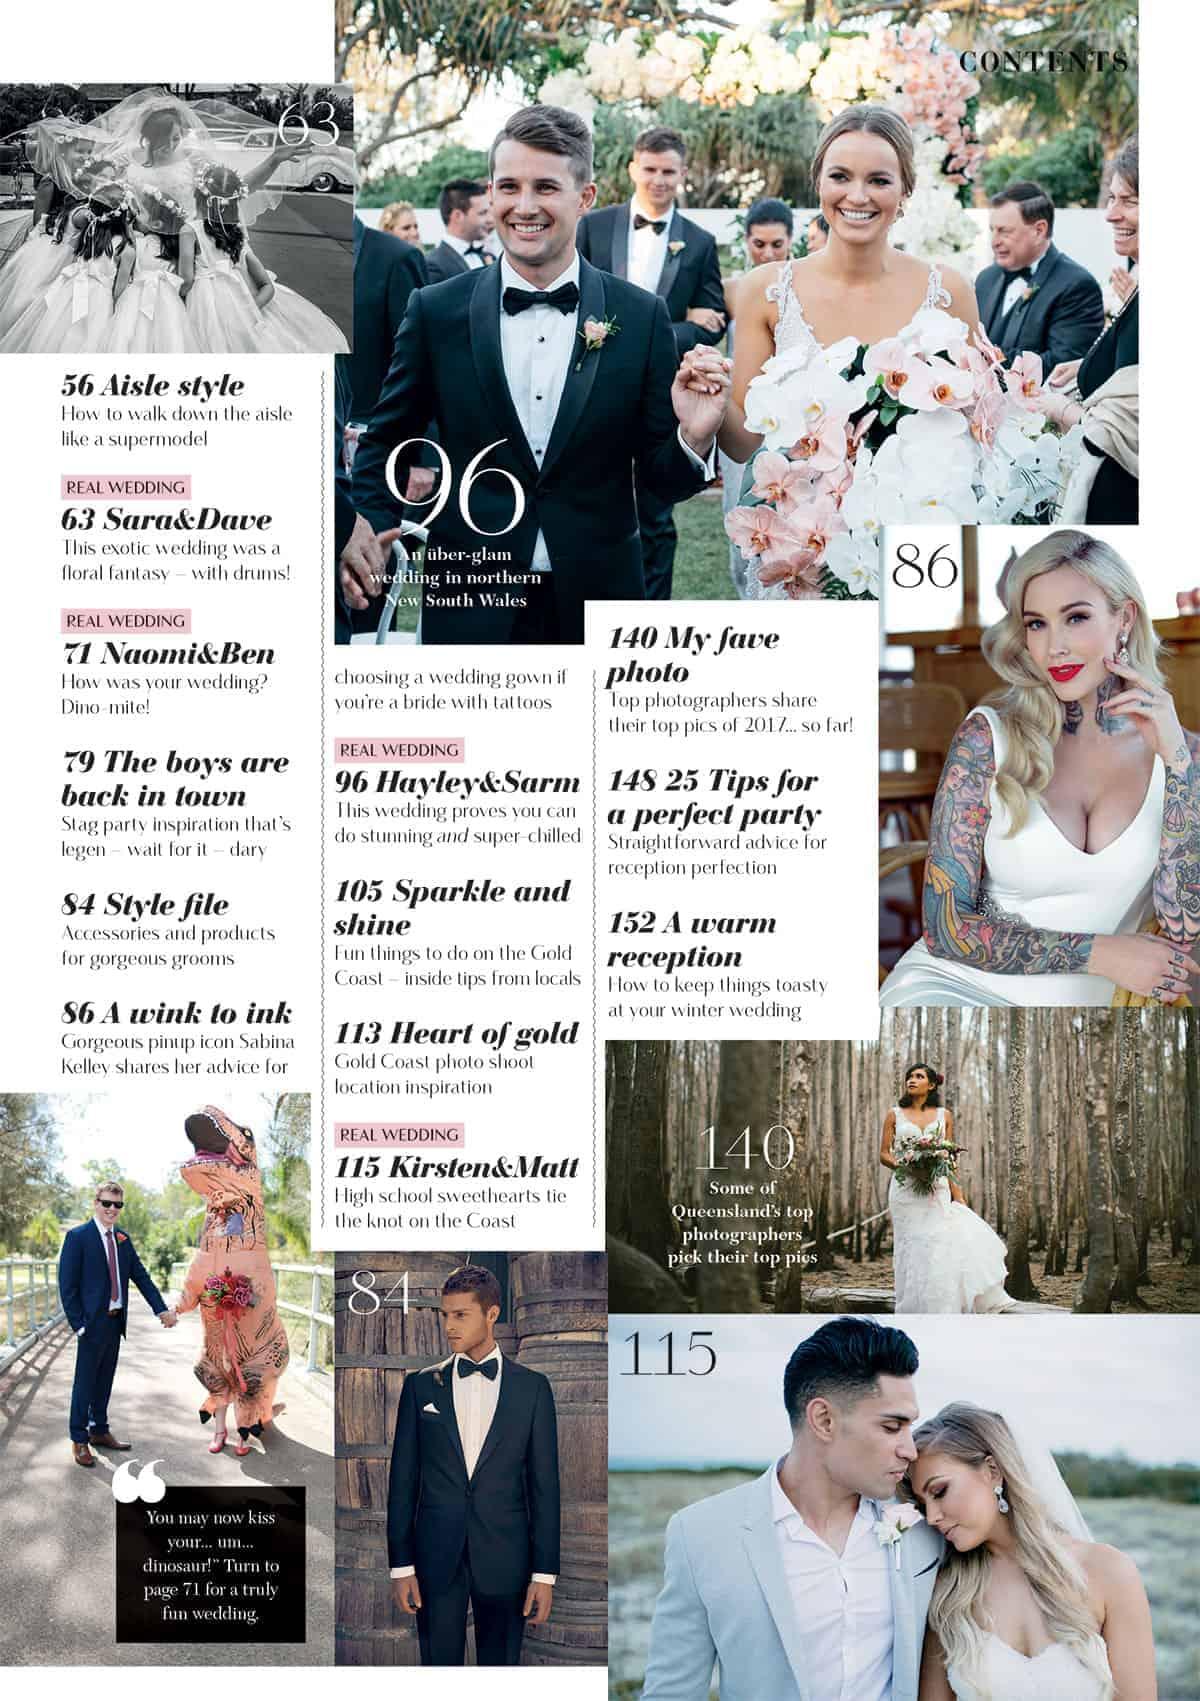 Queensland Brides Winter 2017 edition contents